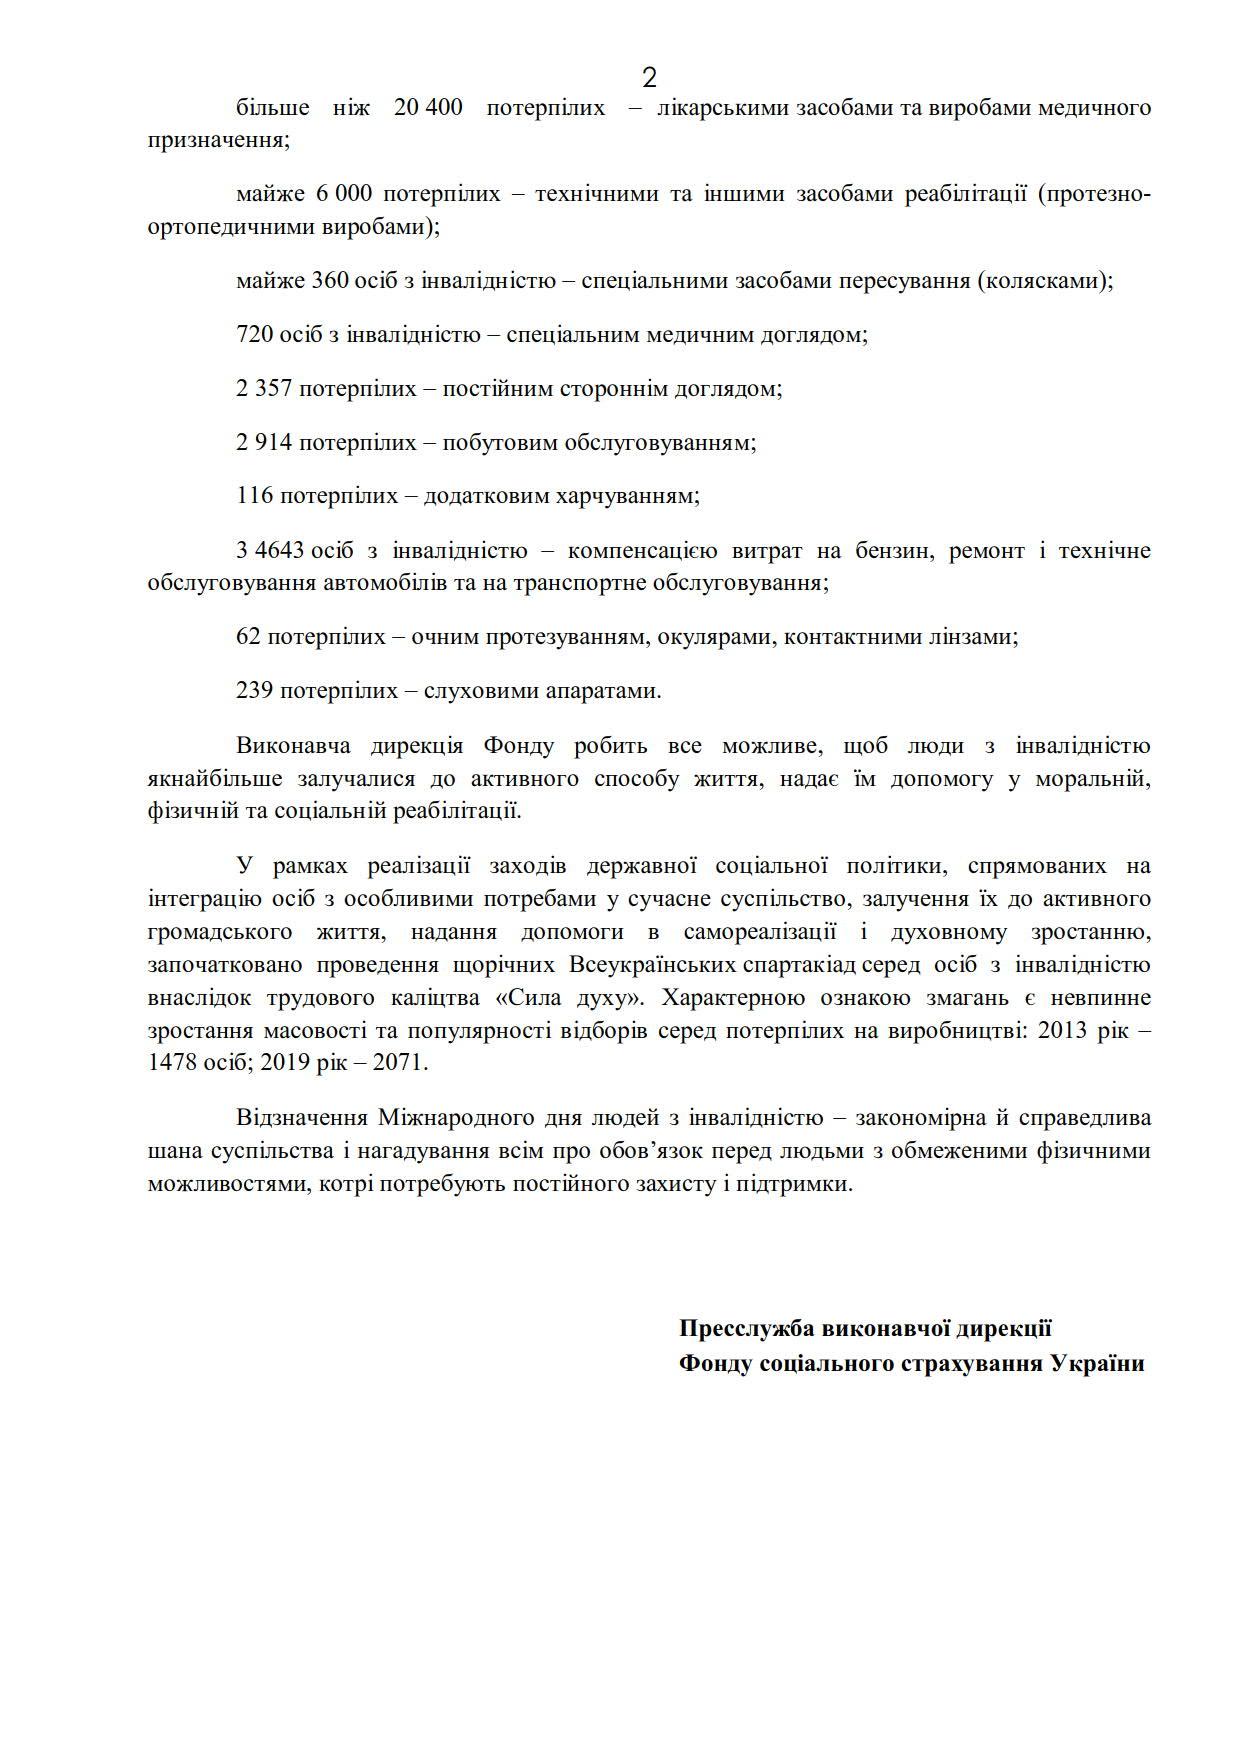 ФССУ_День осіб з інвалідністю_2